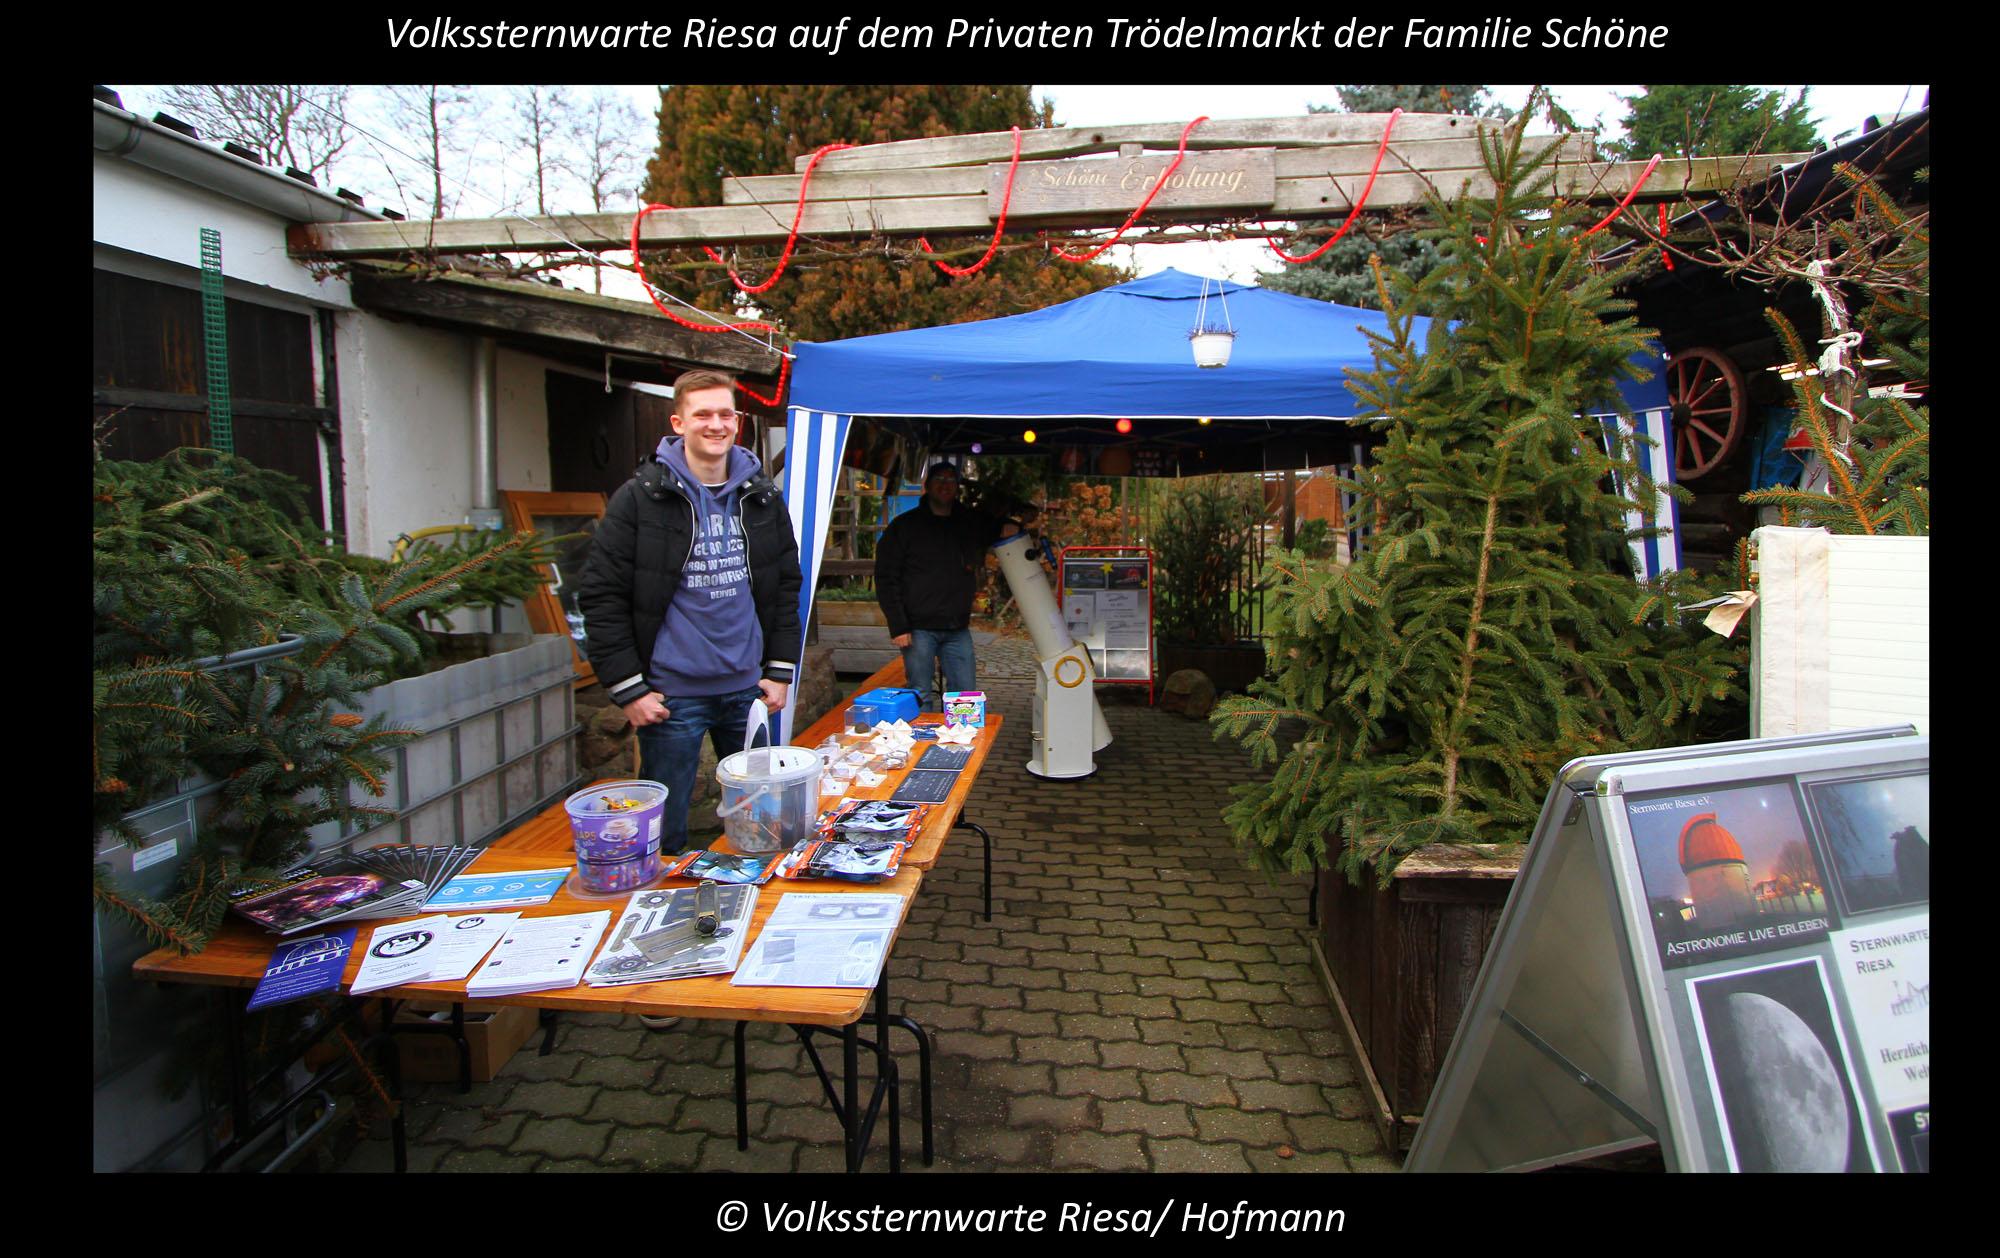 Privater Trödelmarkt der Familie Schöne